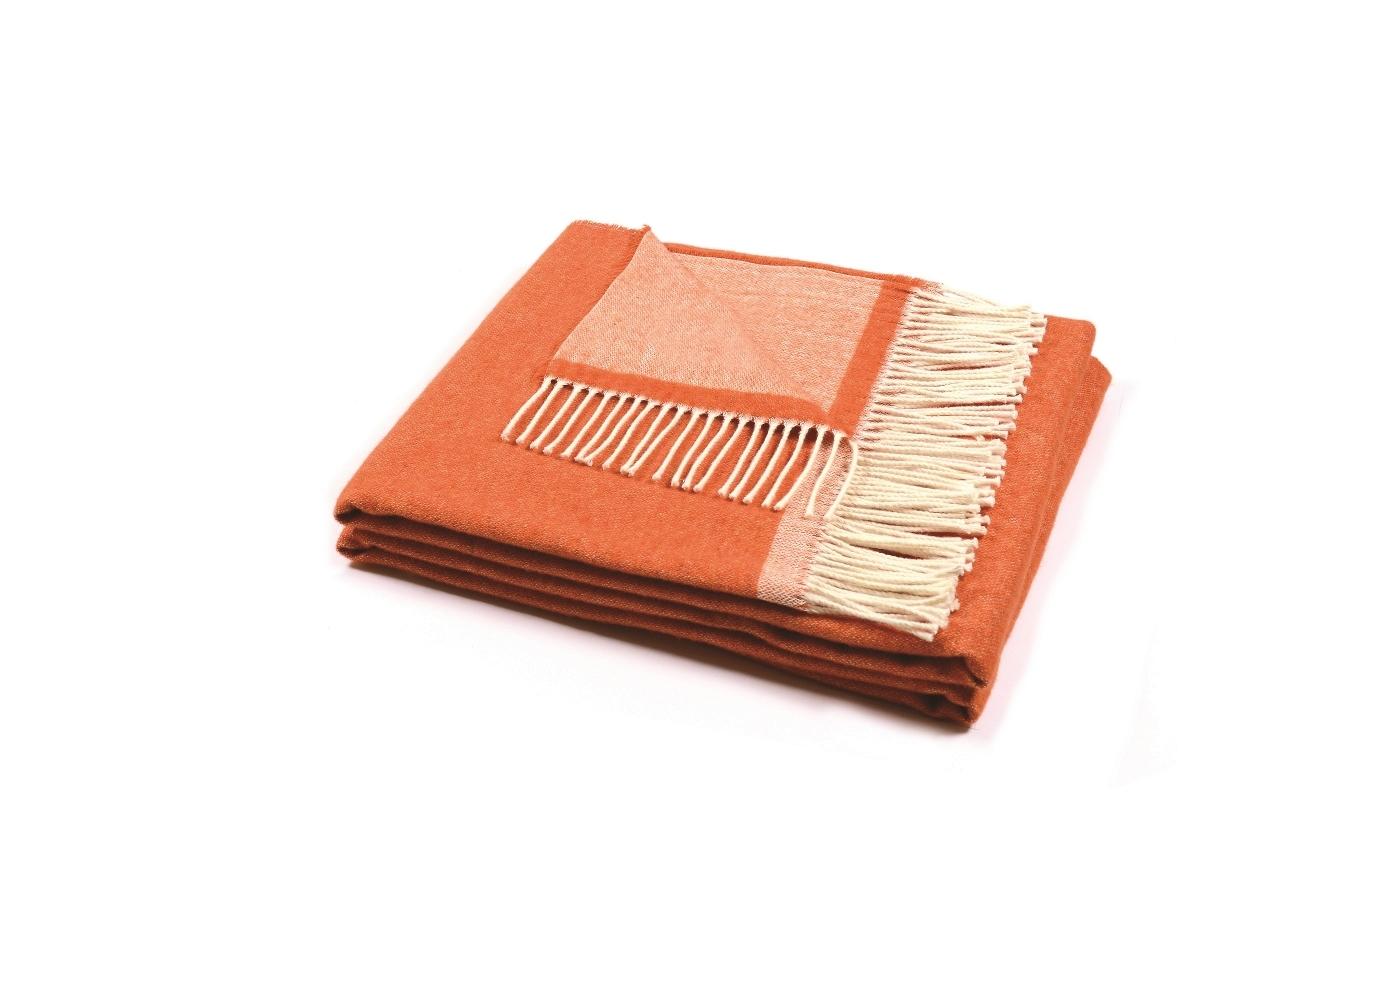 Плед MorfeoШерстяные пледы<br>Мягкий и стильный двусторонний плед, произведённый из материалов превосходного качества, несомненно, станет отличной покупкой для себя или в подарок.<br><br>Material: Шерсть<br>Ширина см: 130<br>Глубина см: 180